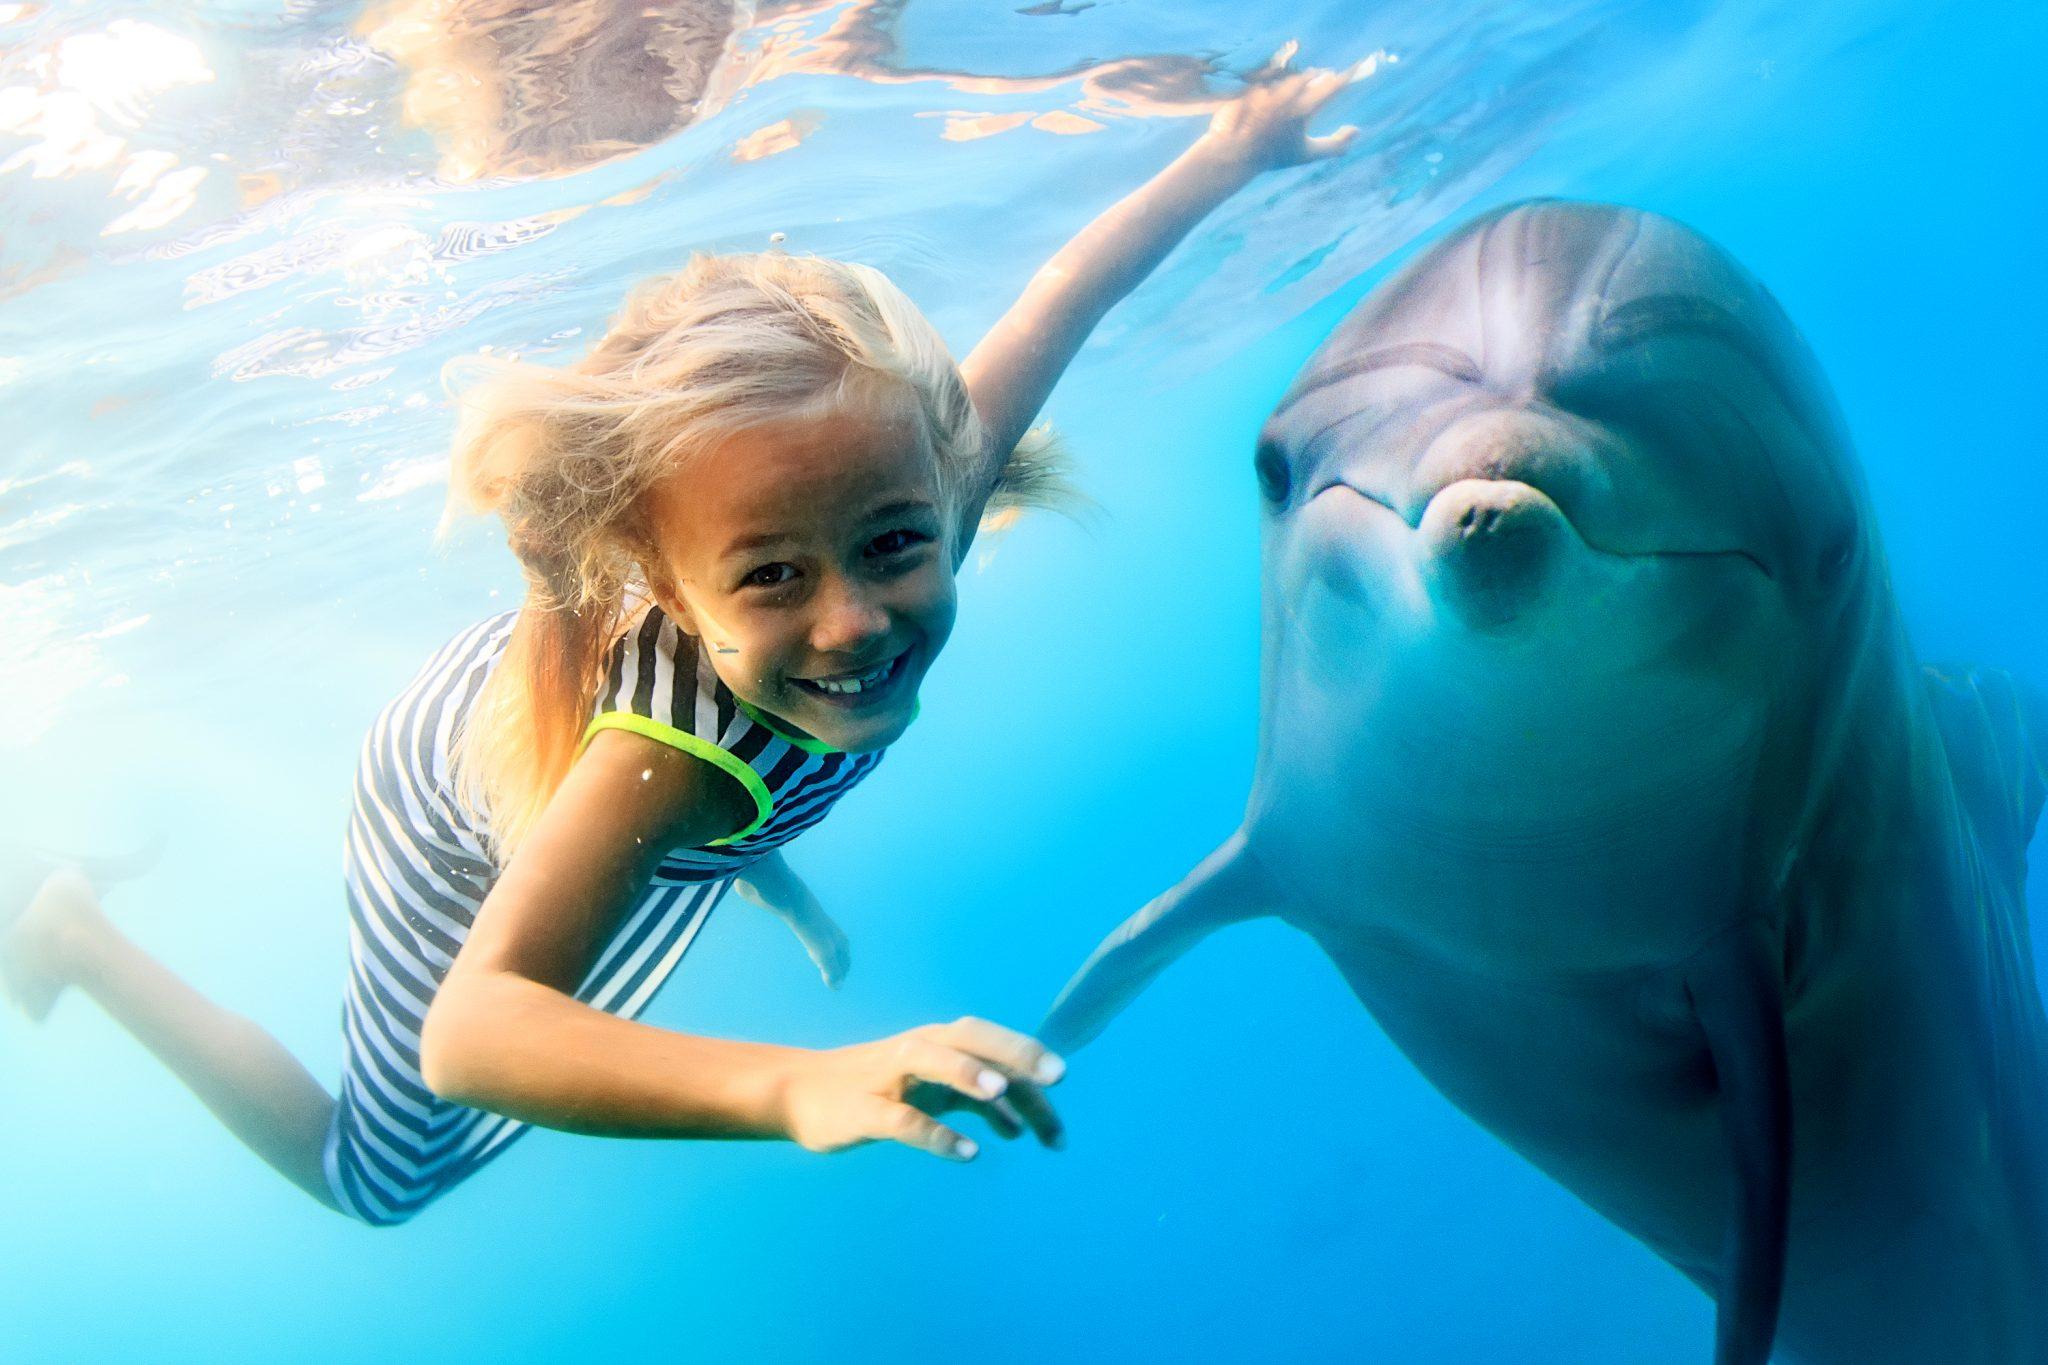 イルカと遊んでリラックスしている女の子